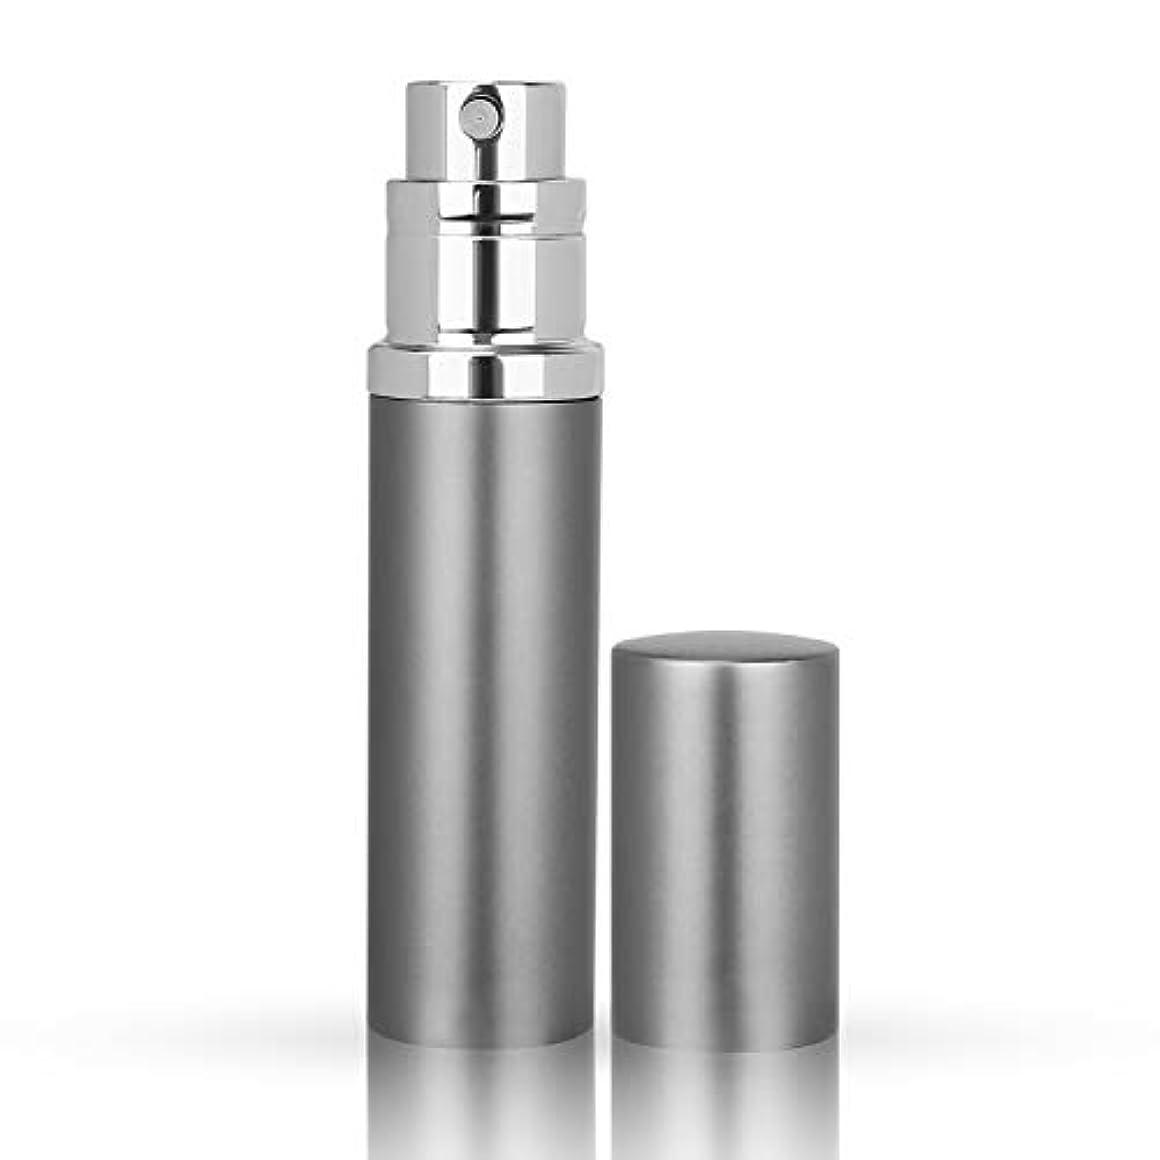 水族館危険解明MOOMU アトマイザー 香水スプレー 噴霧器 詰め替え容器 底部充填方式 携帯用5ml (シルバー Silver)